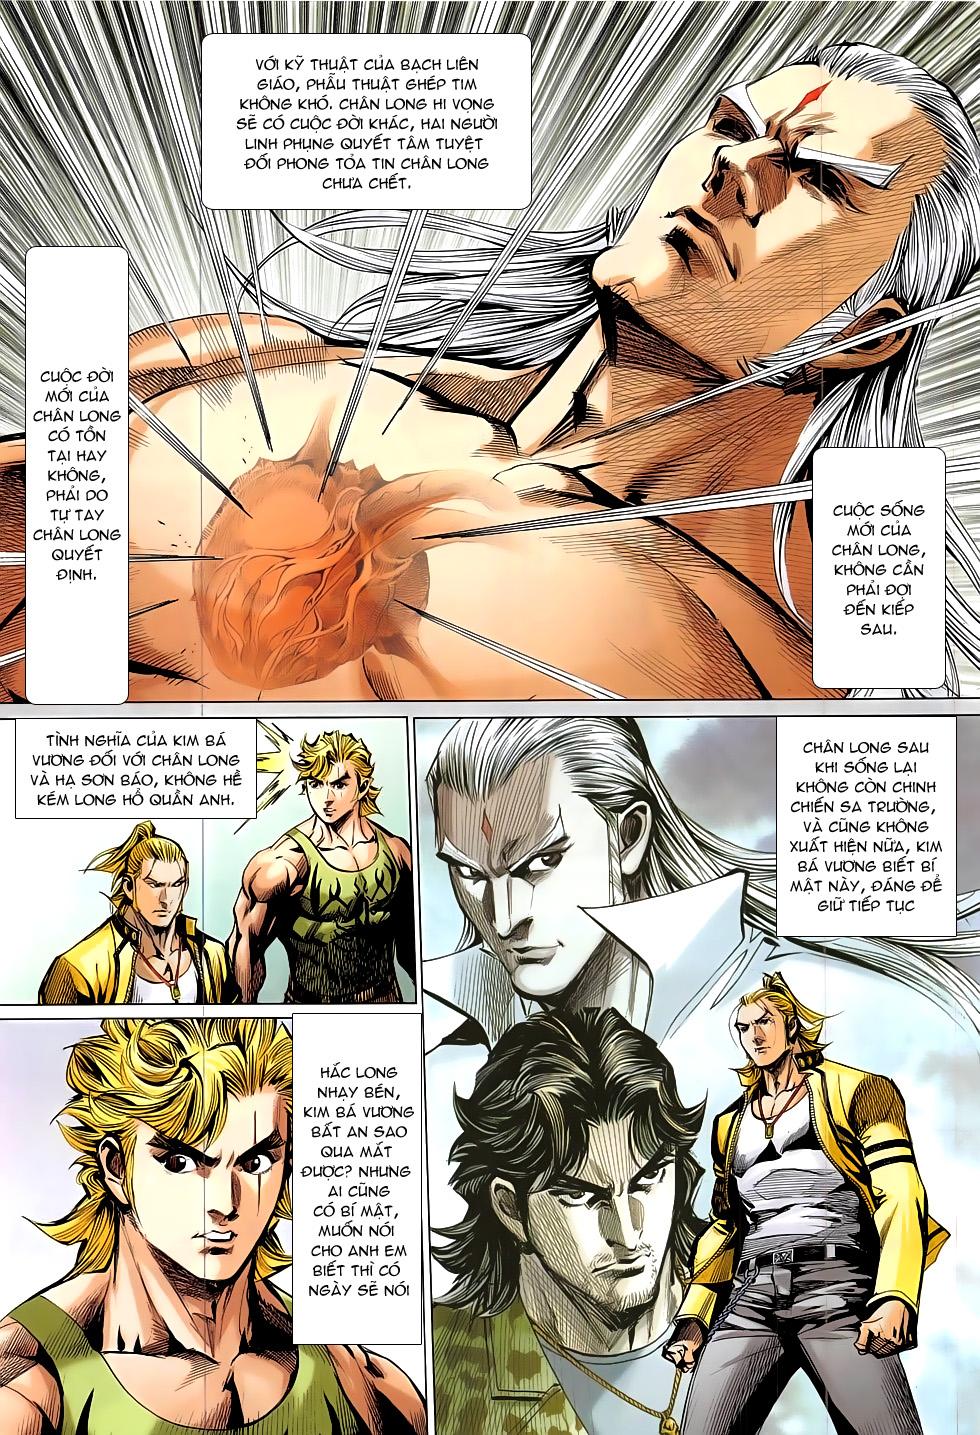 Đông Phương Chân Long chap 66 - Trang 23